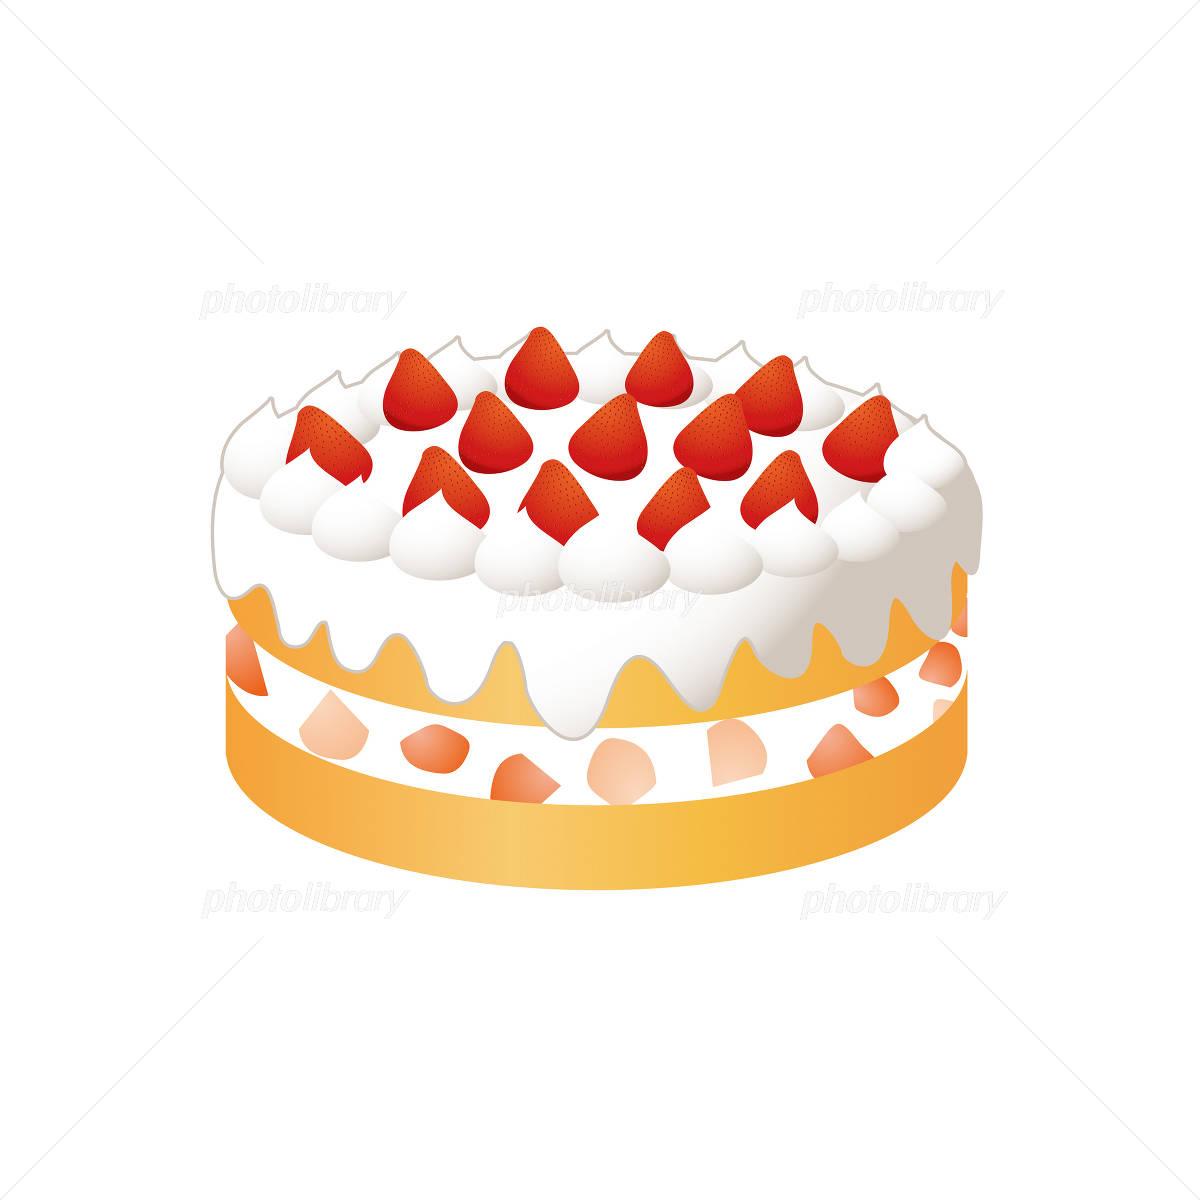 苺のデコレーションケーキのイラスト イラスト素材 957582 フォト